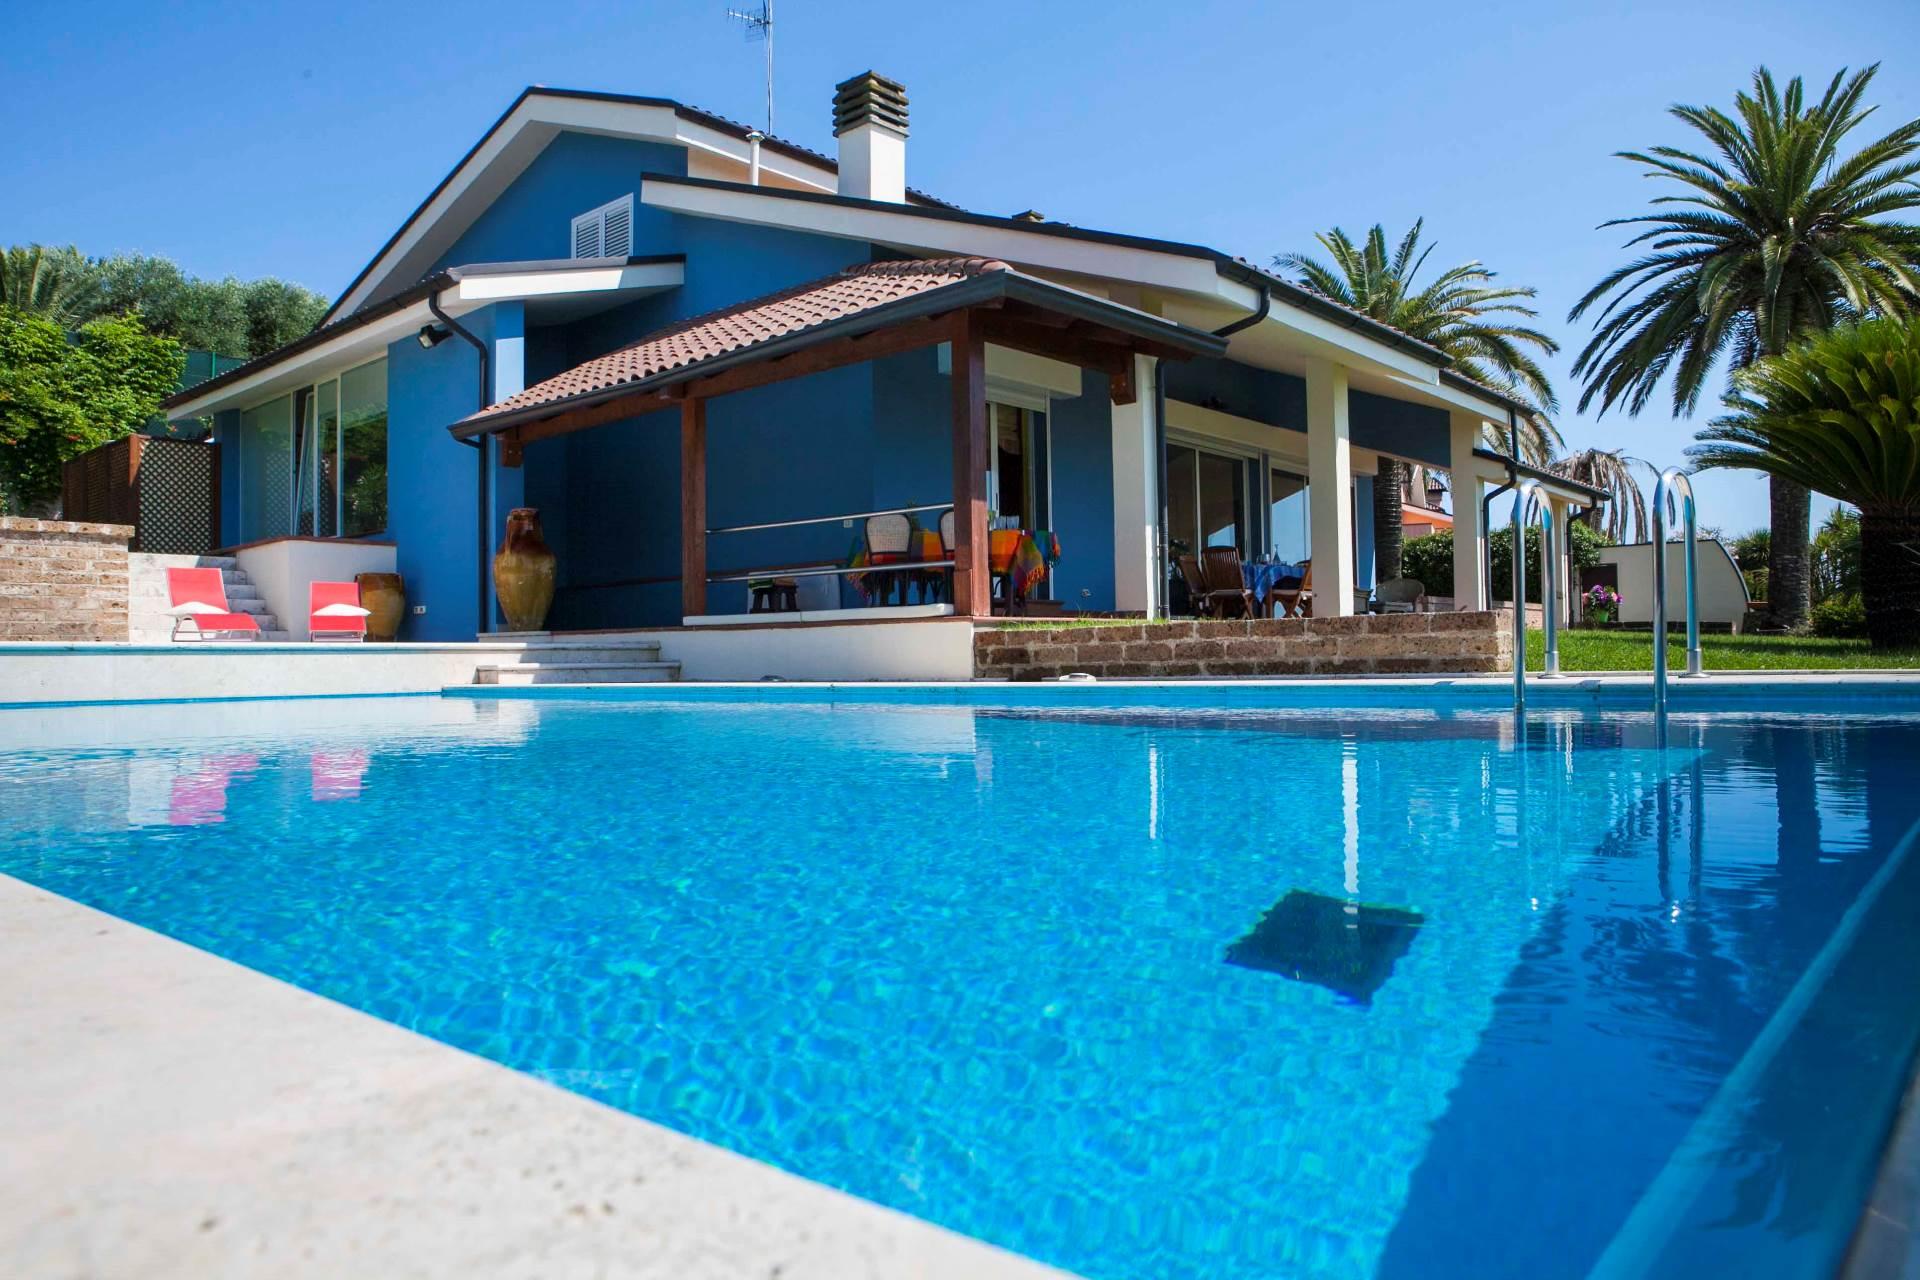 Villa in affitto a Monteprandone, 10 locali, zona Località: Residenziale, prezzo € 1.400 | CambioCasa.it